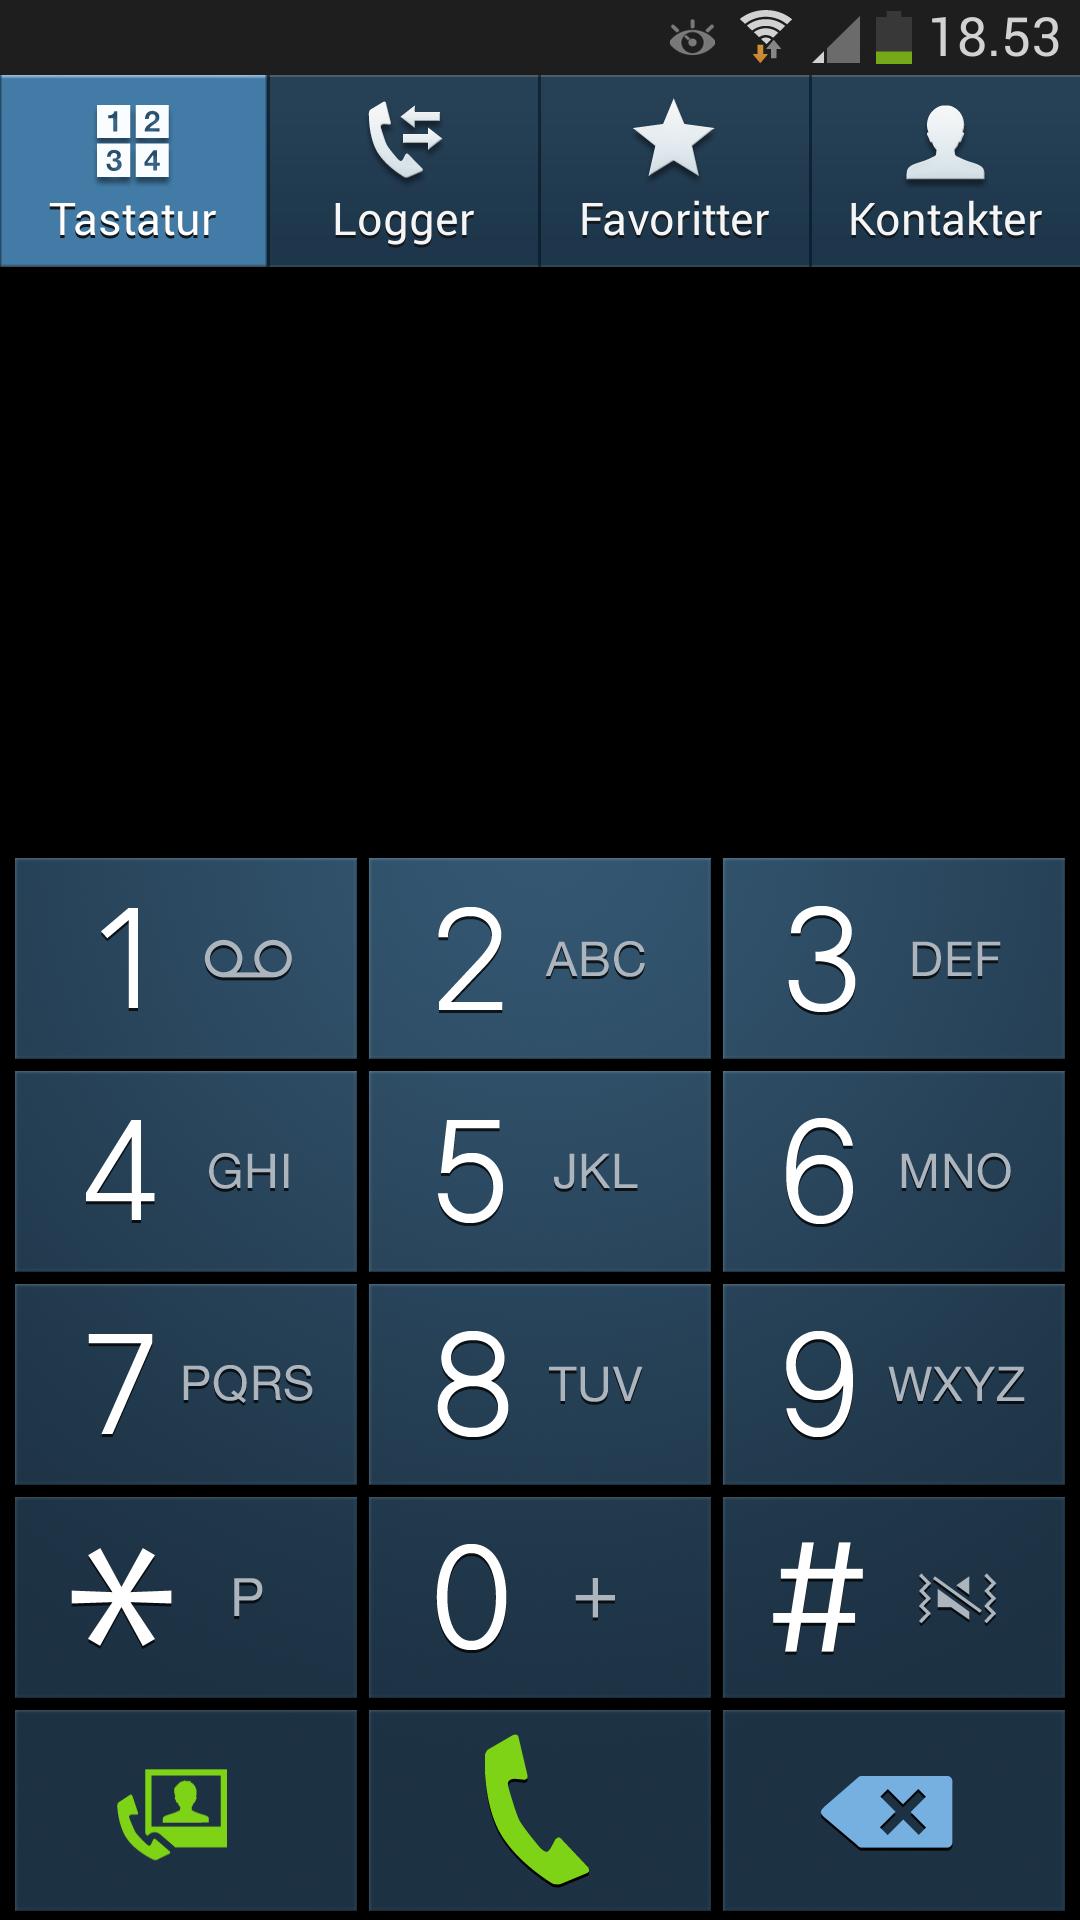 Galaxy S4 Active er svært god på basisfunksjoner, og kan skilte med god batteritid.